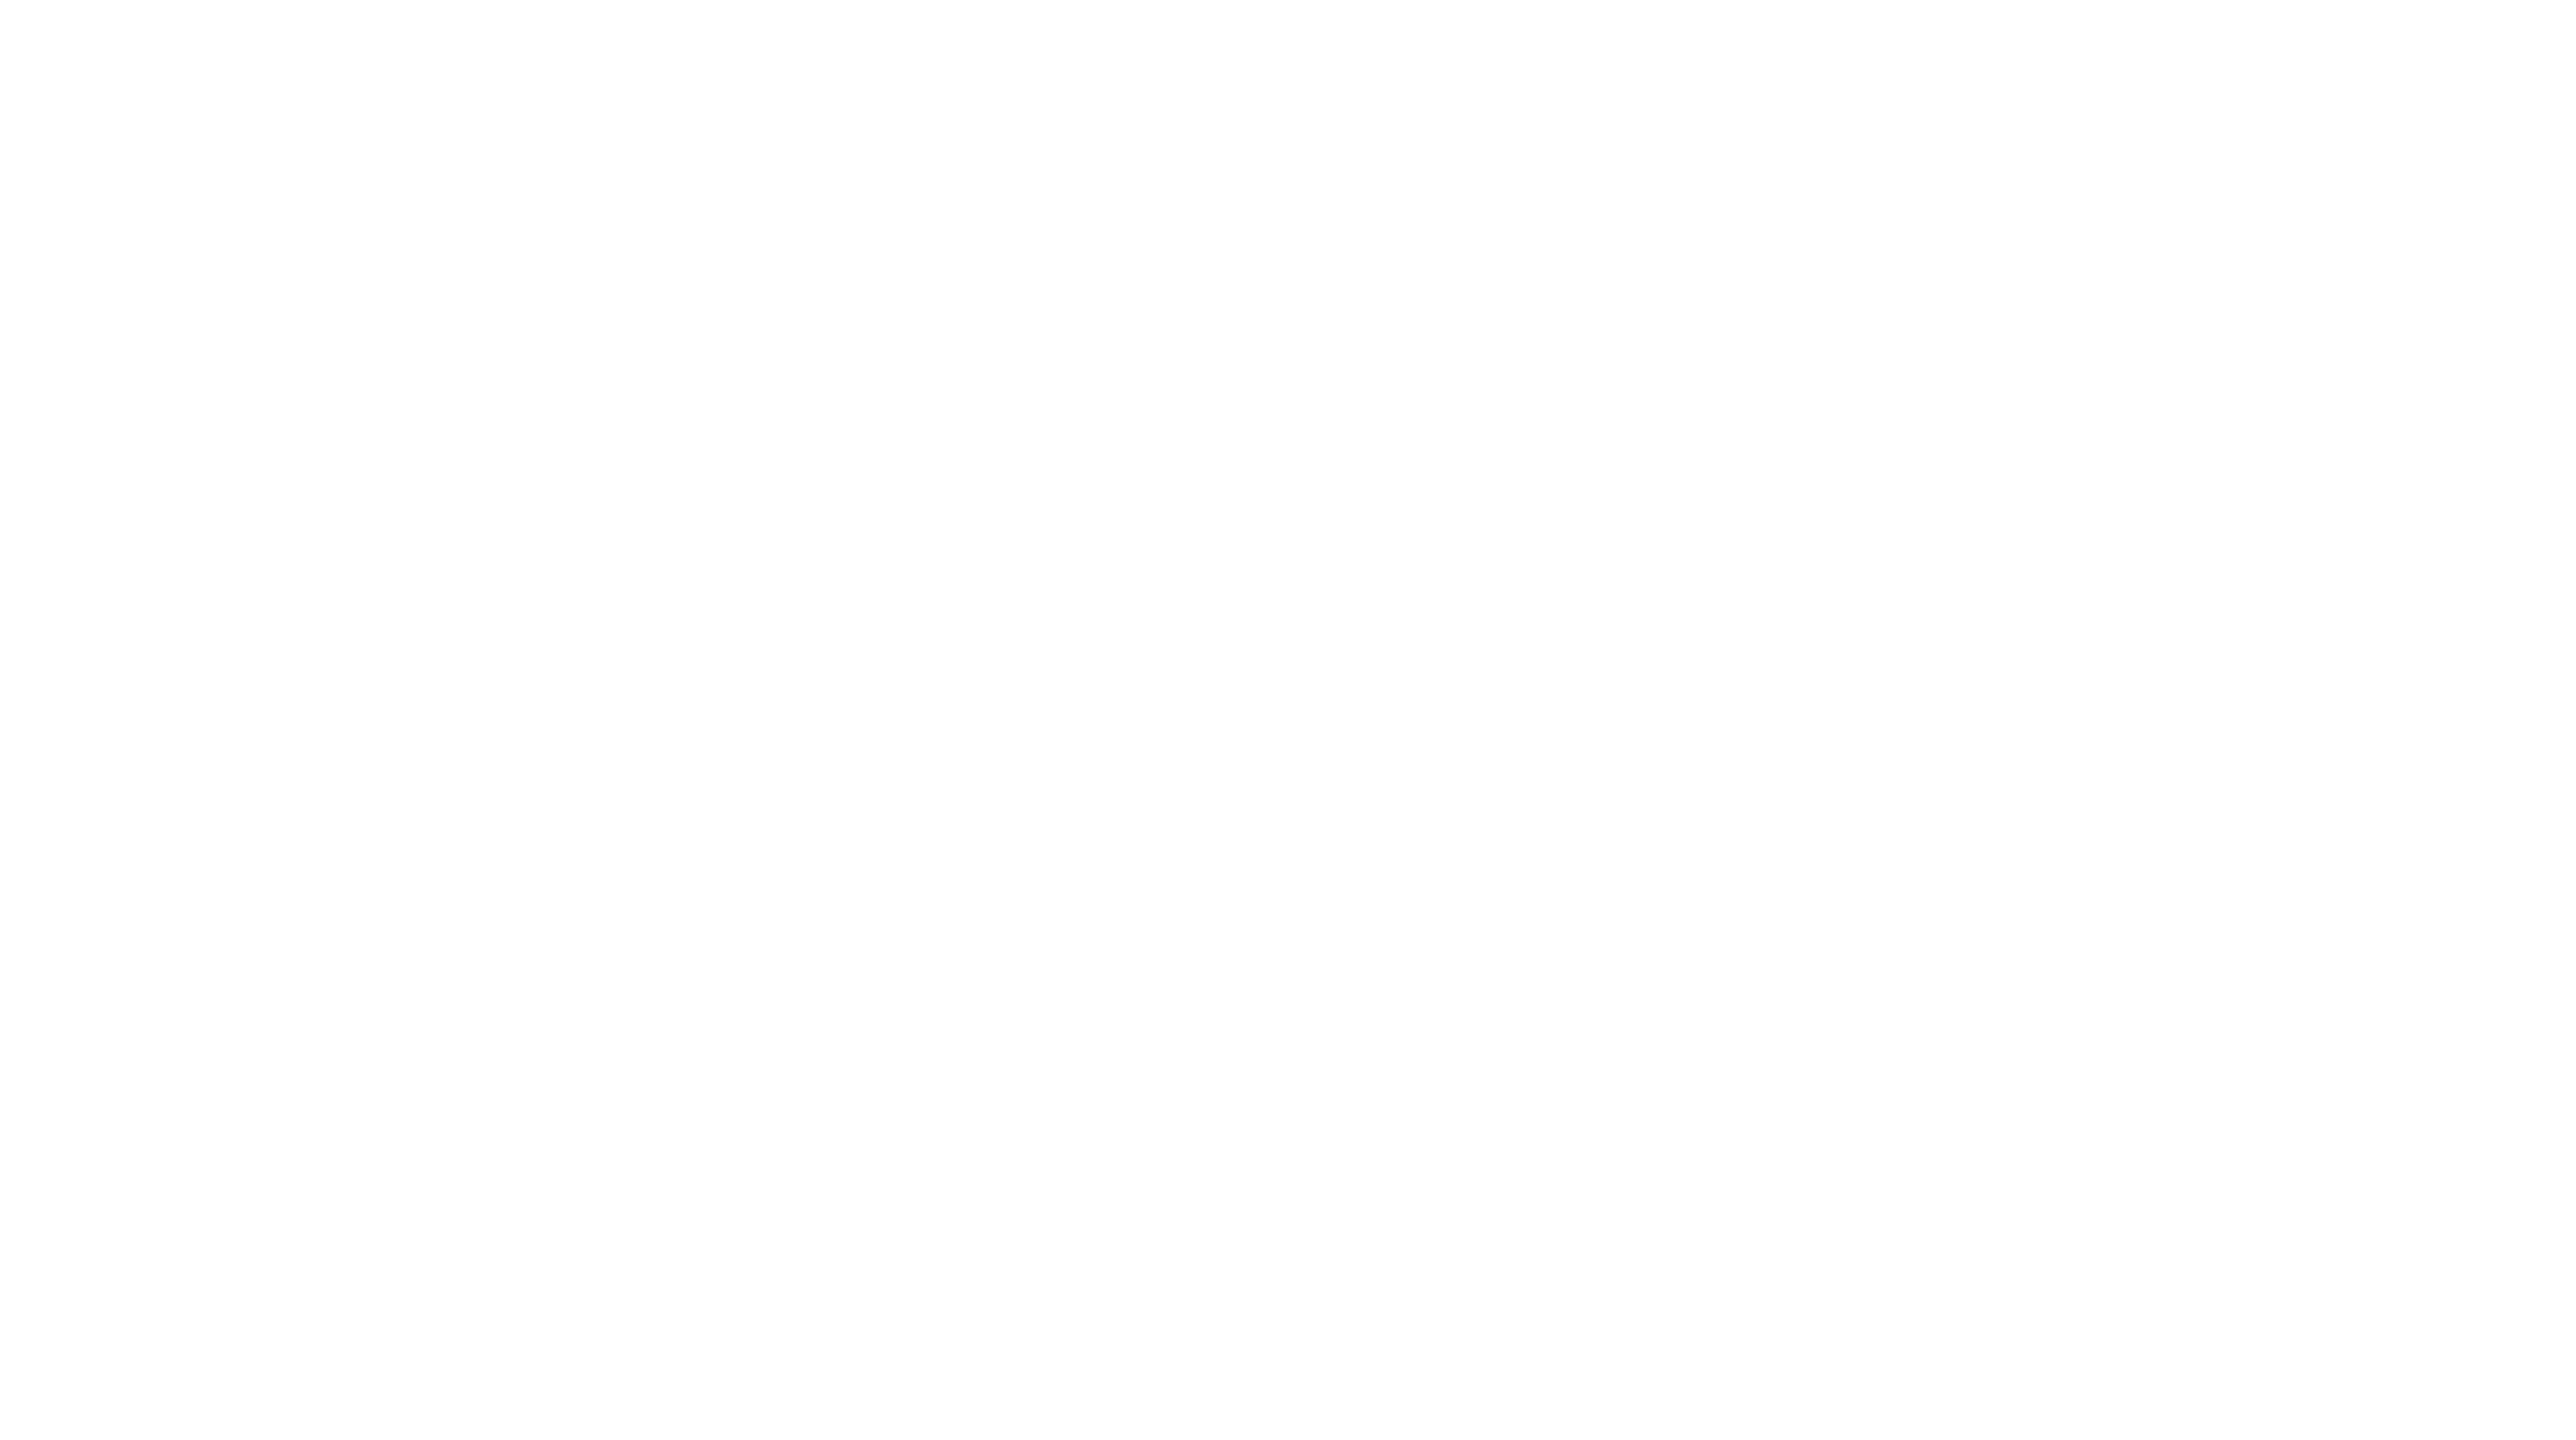 موهبة للتدريب والتحفيز الإيجابي